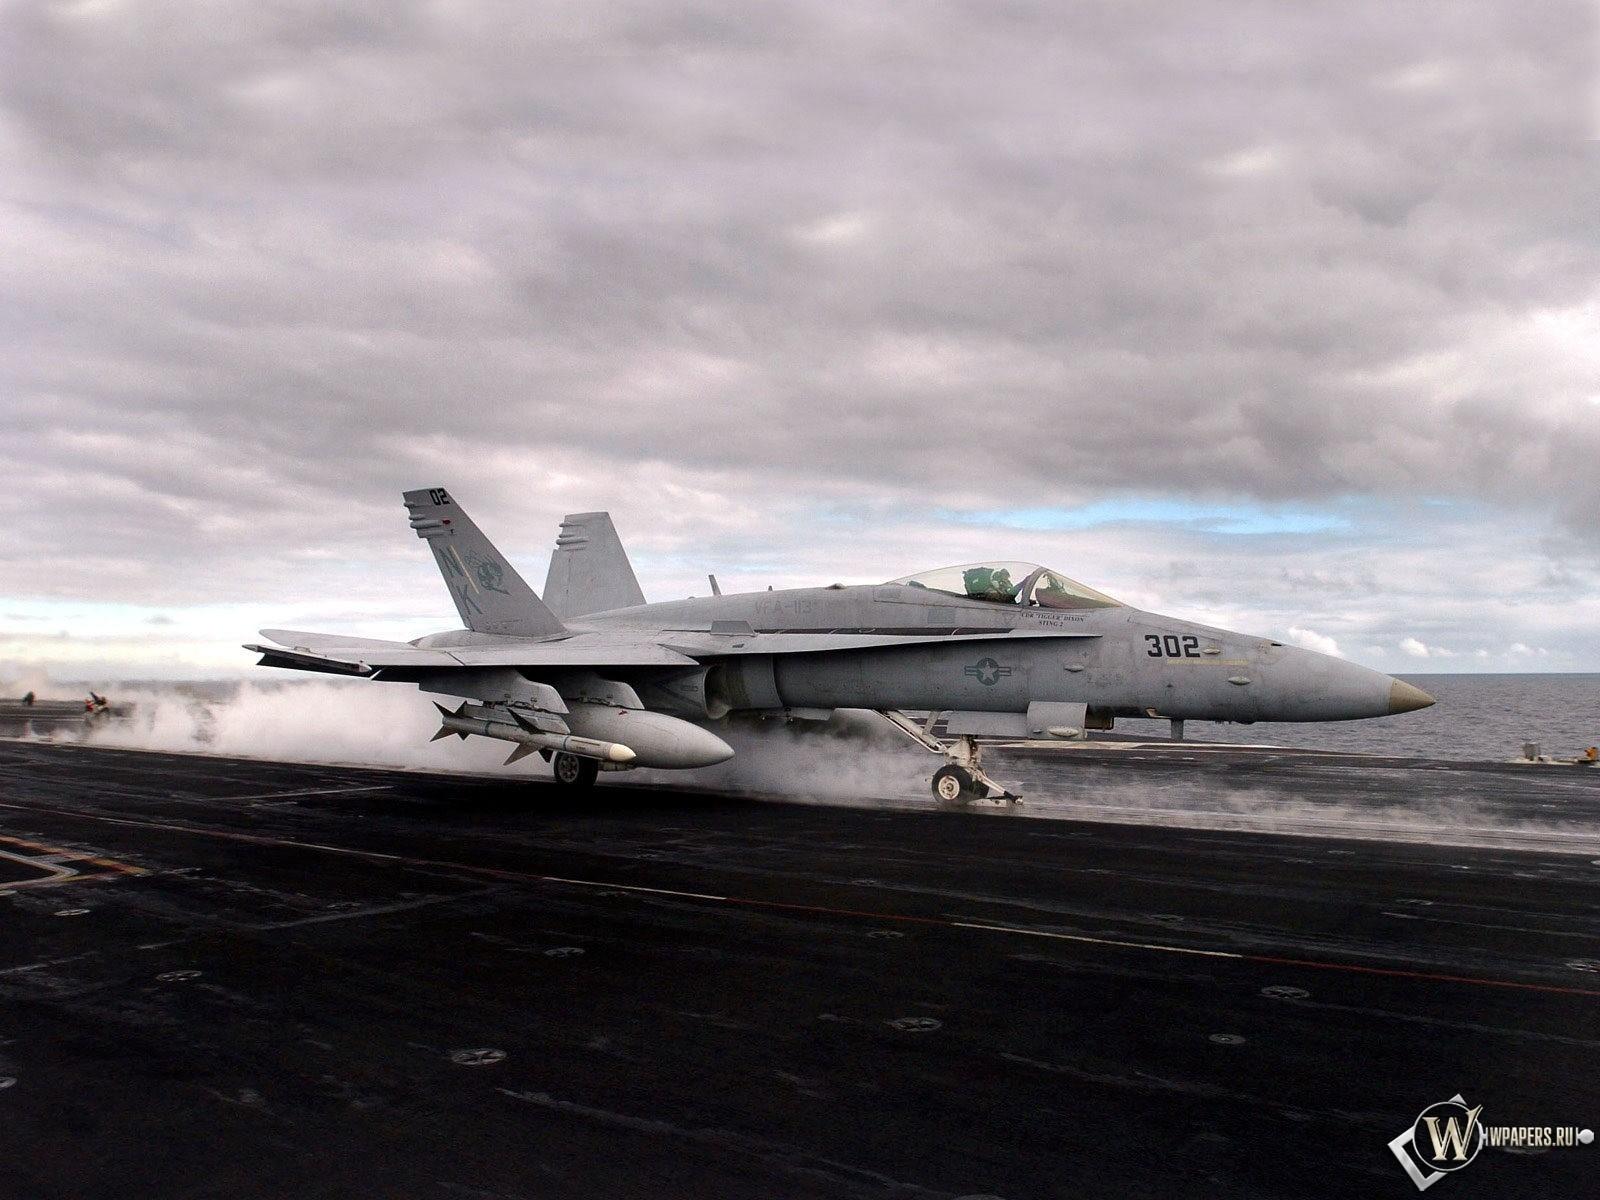 Взлет истребителя F-18 1600x1200